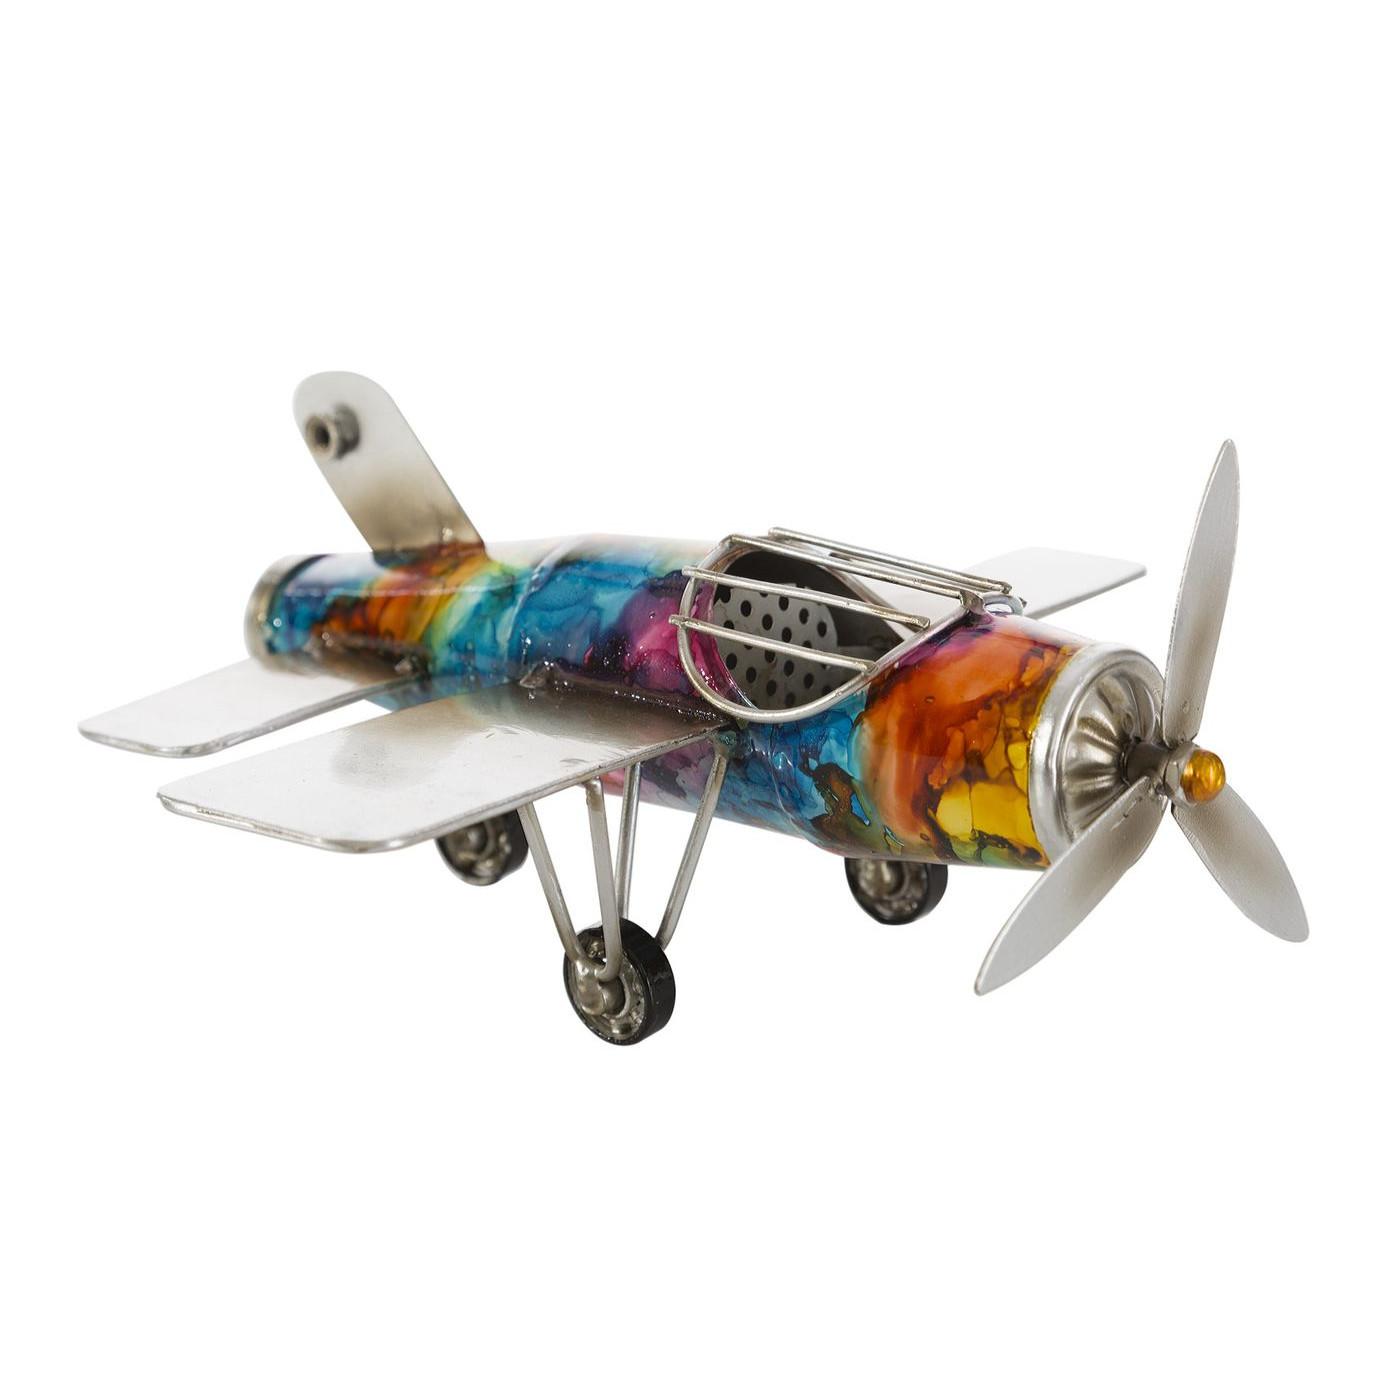 Figurka dekoracyjna samolot metal 23 x 23 x 10 cm